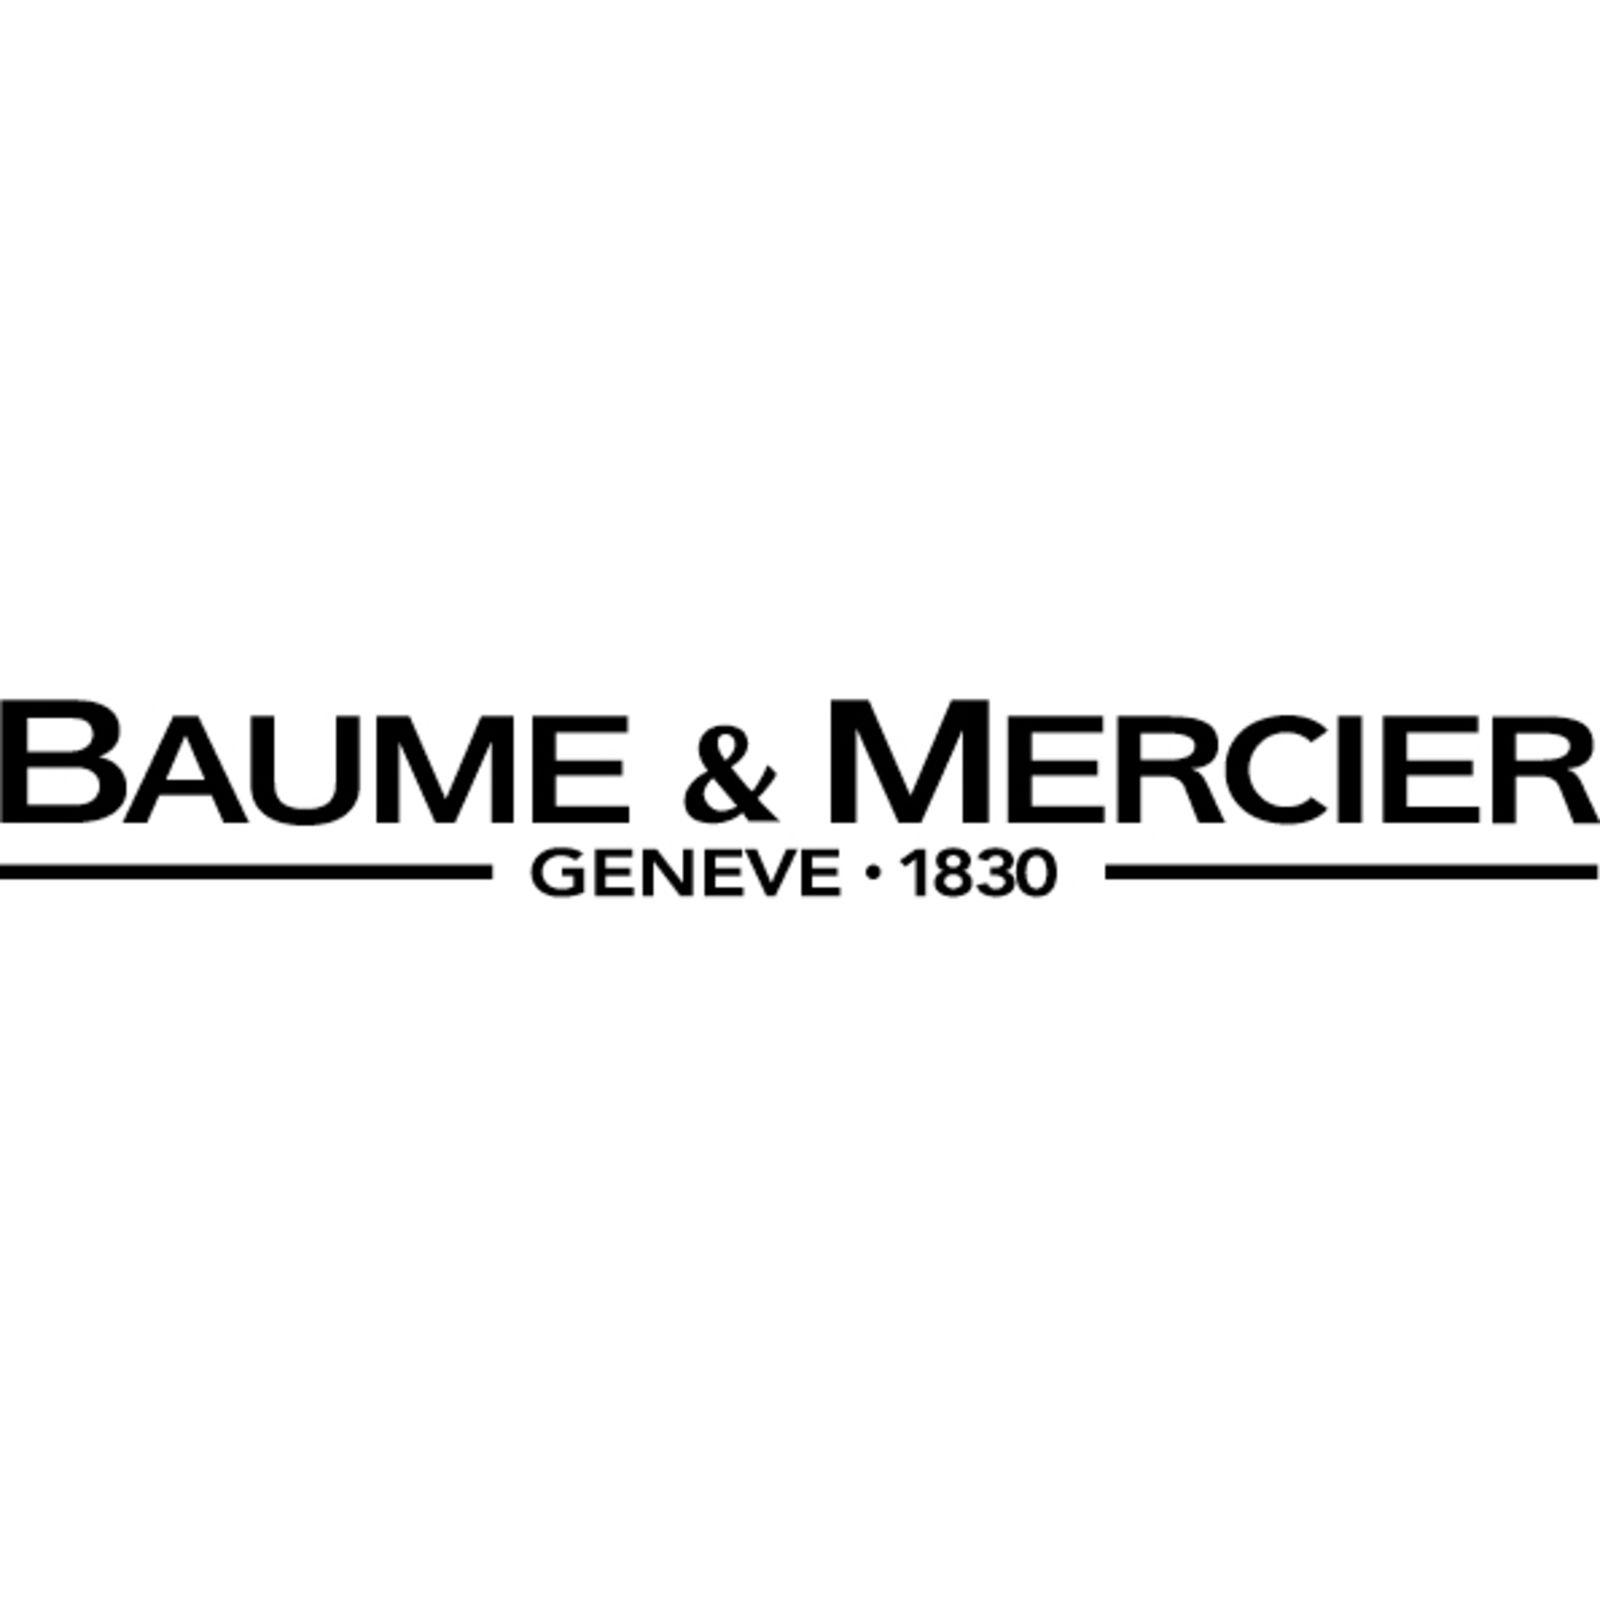 BAUME & MERCIER (Imagen 1)